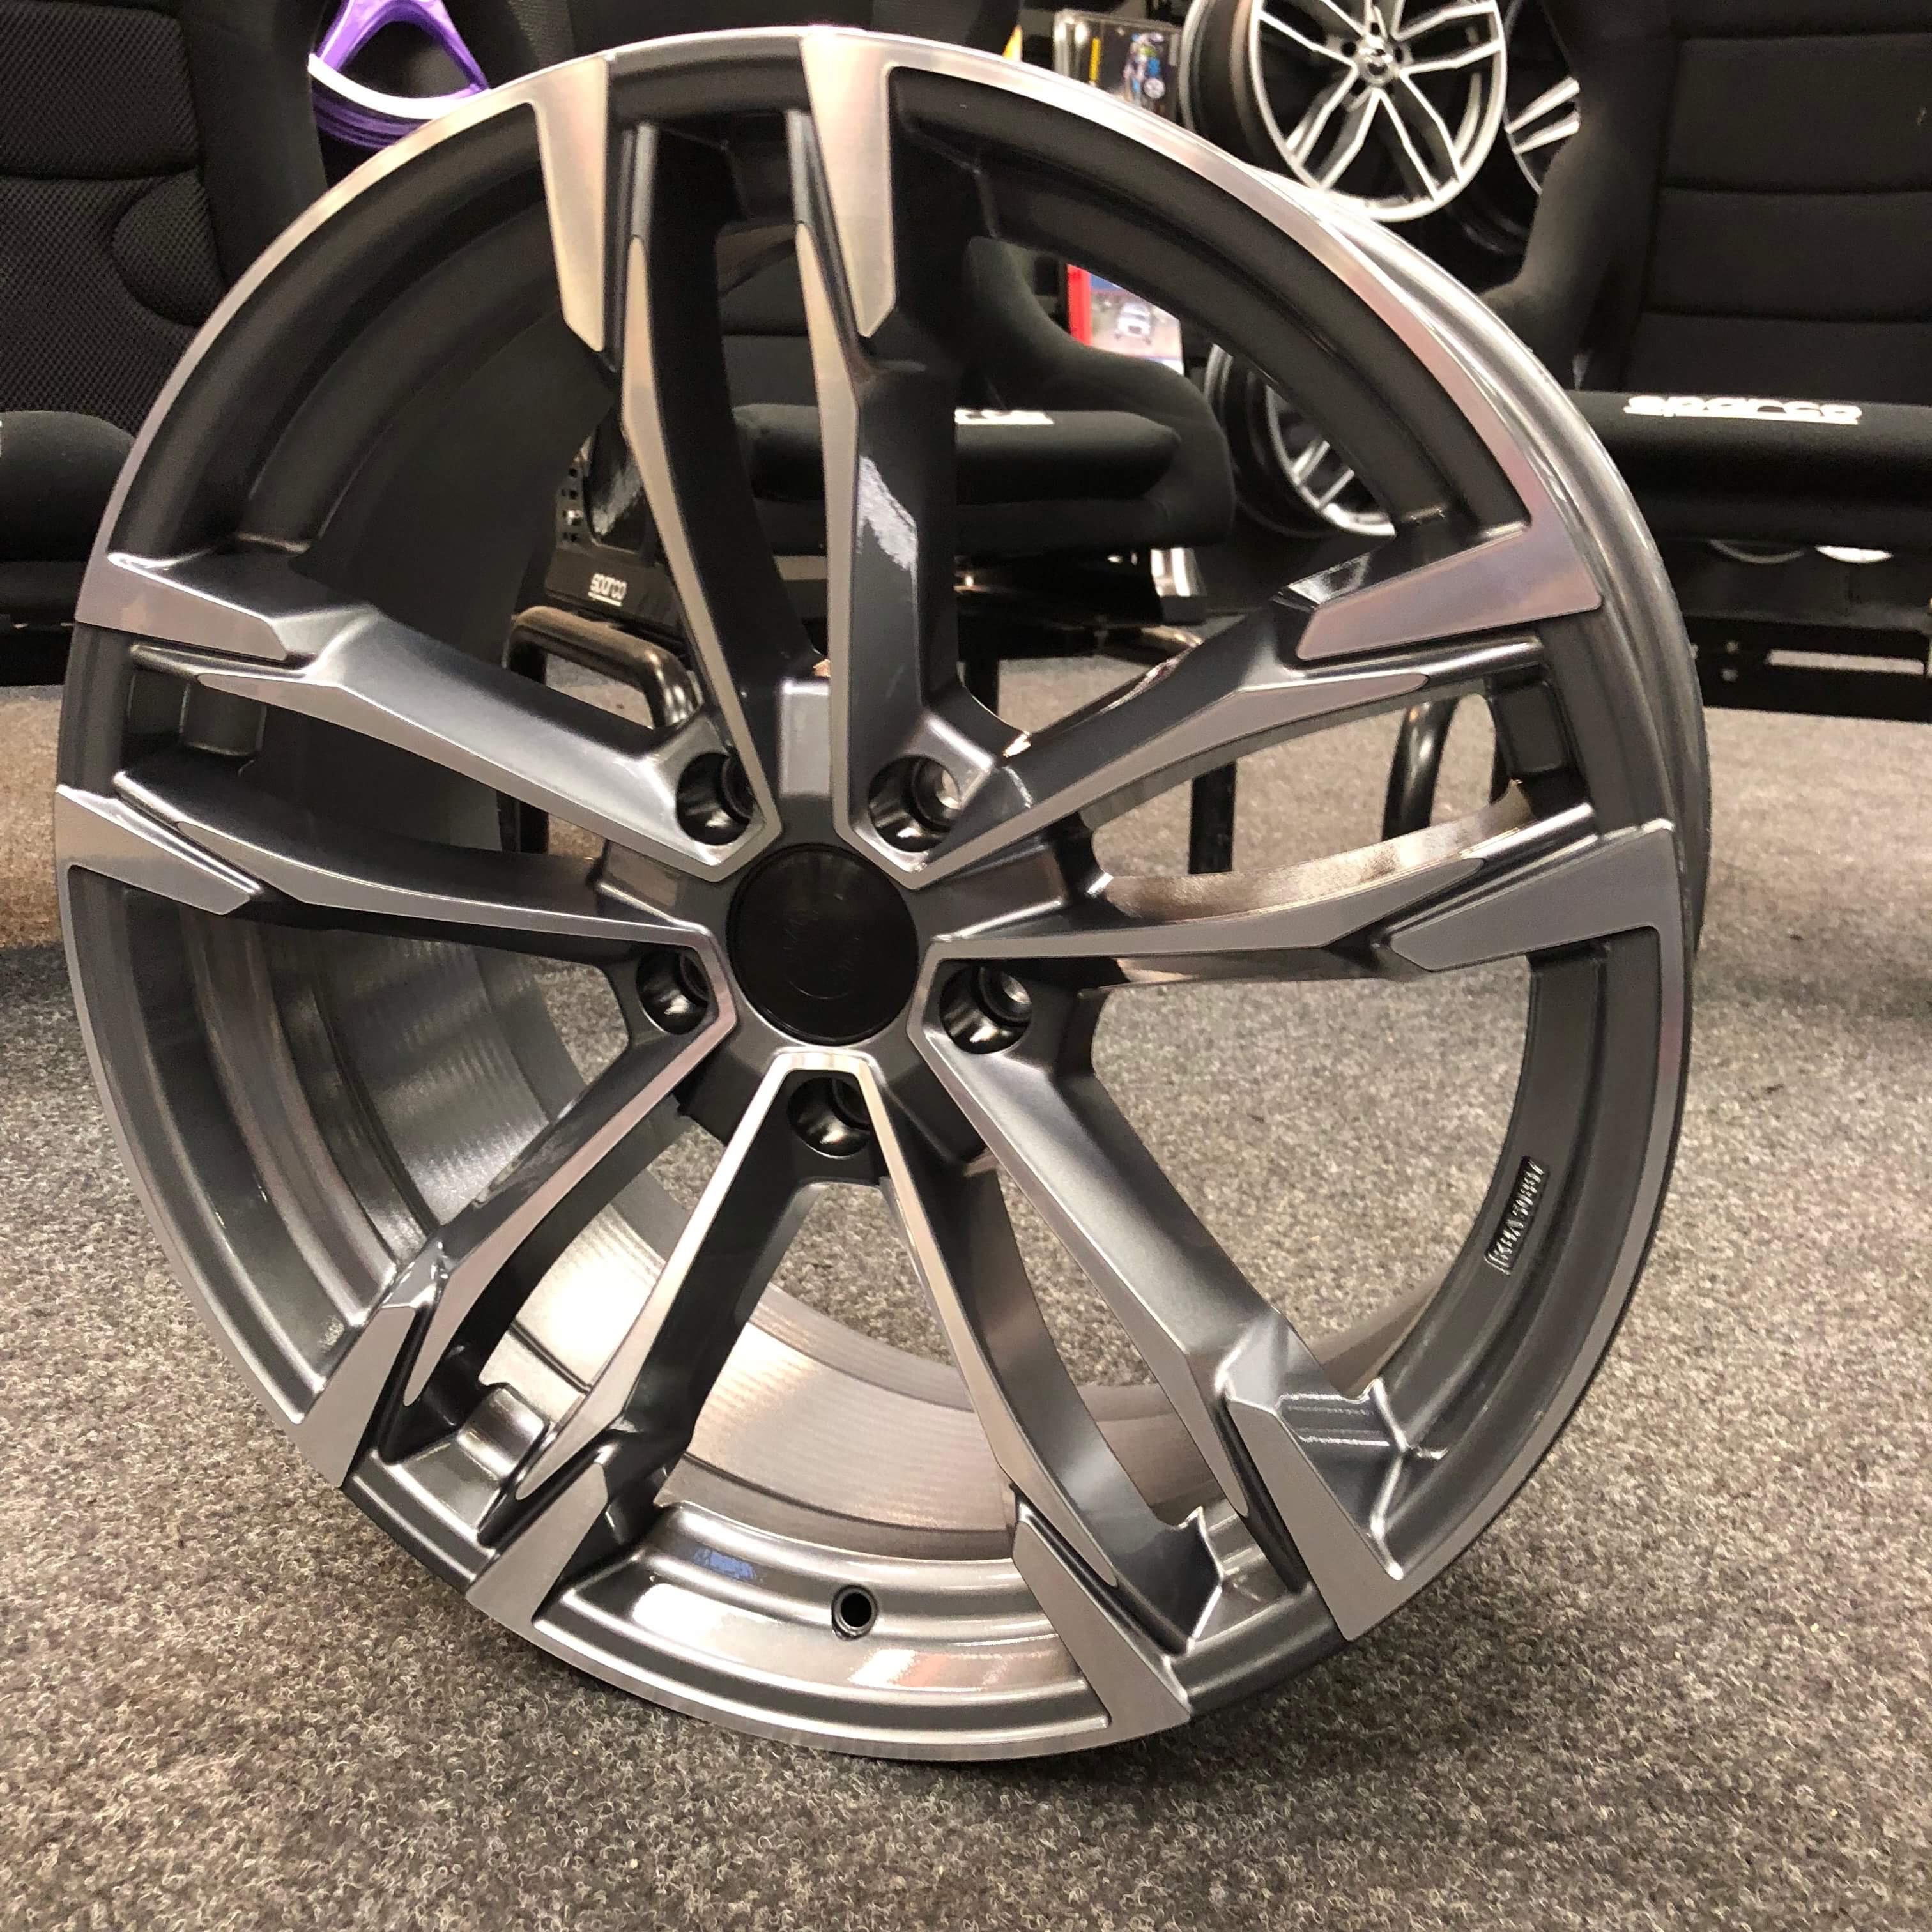 wheeldetails wheelfire matte scontent cfm com wheels l black volvo blk enkei rims id